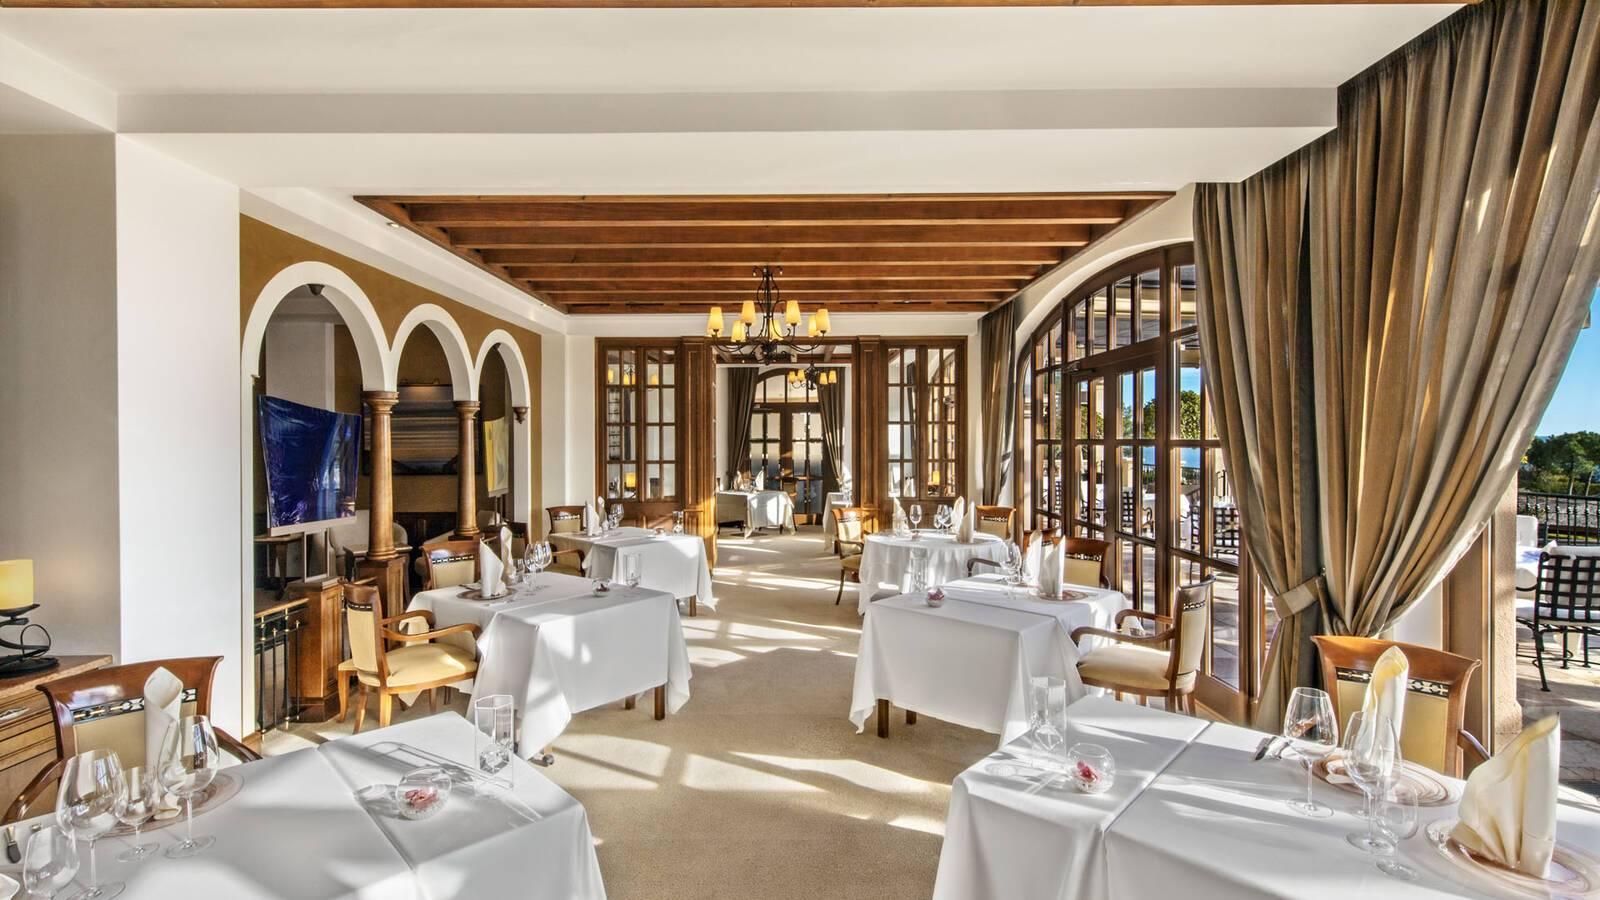 St Regis Mardavall Resort Majorque Restaurant Es Fum